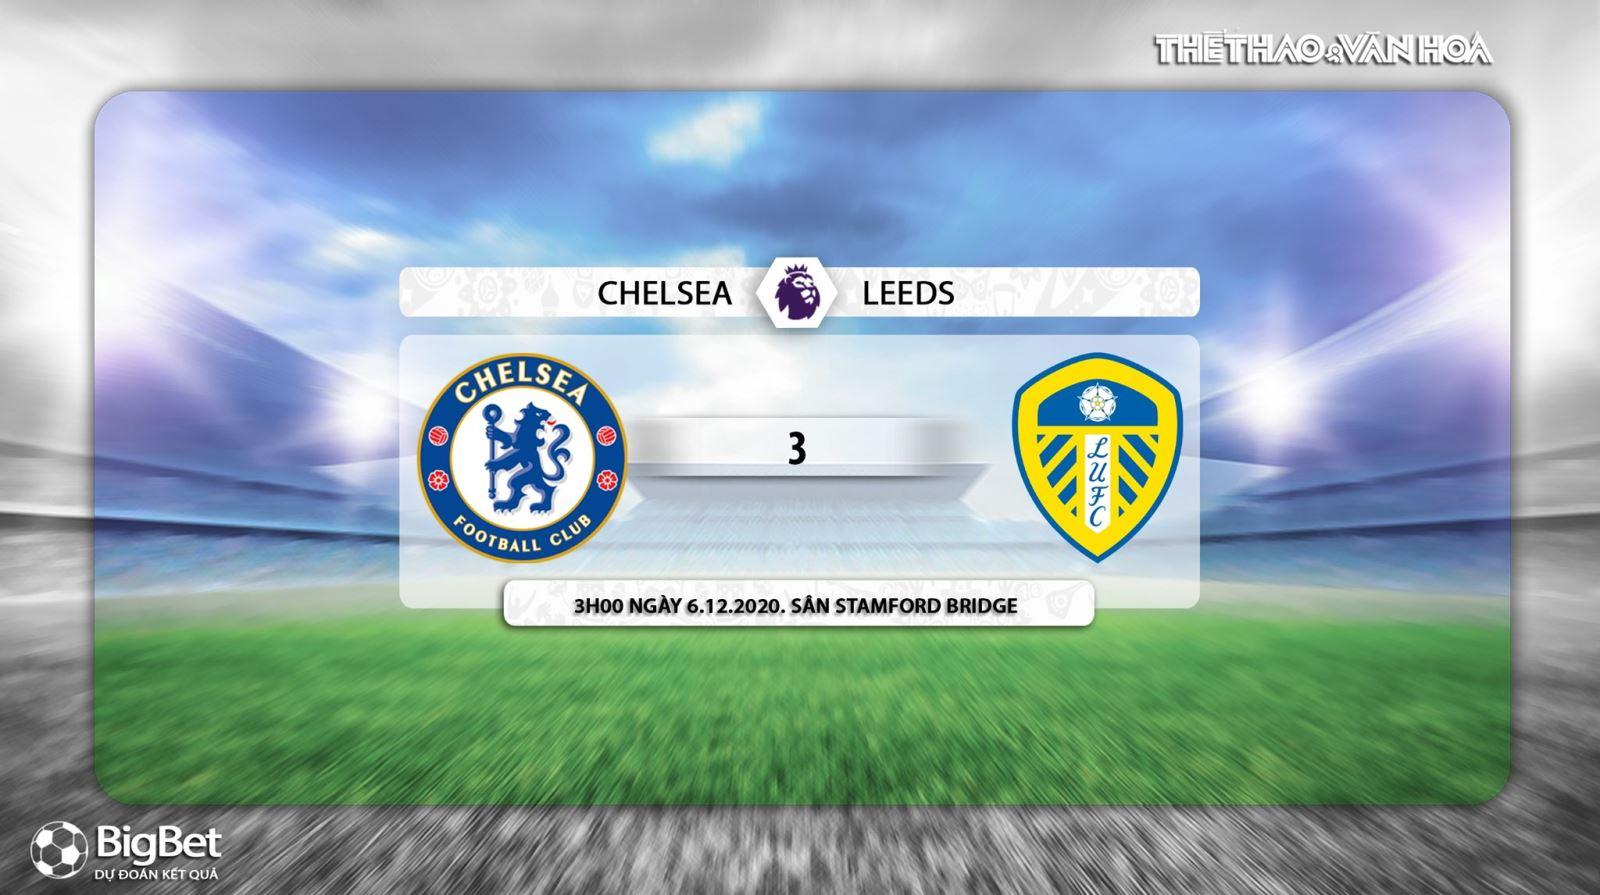 Keo nha cai, kèo nhà cái, Chelsea vs Leeds, truc tiep bong da, Ngoại hạng Anh vòng 10, kèo bóng đá, trực tiếp Chelsea đấu với Leeds, trực tiếp bóng đá Anh, kèo Chelsea